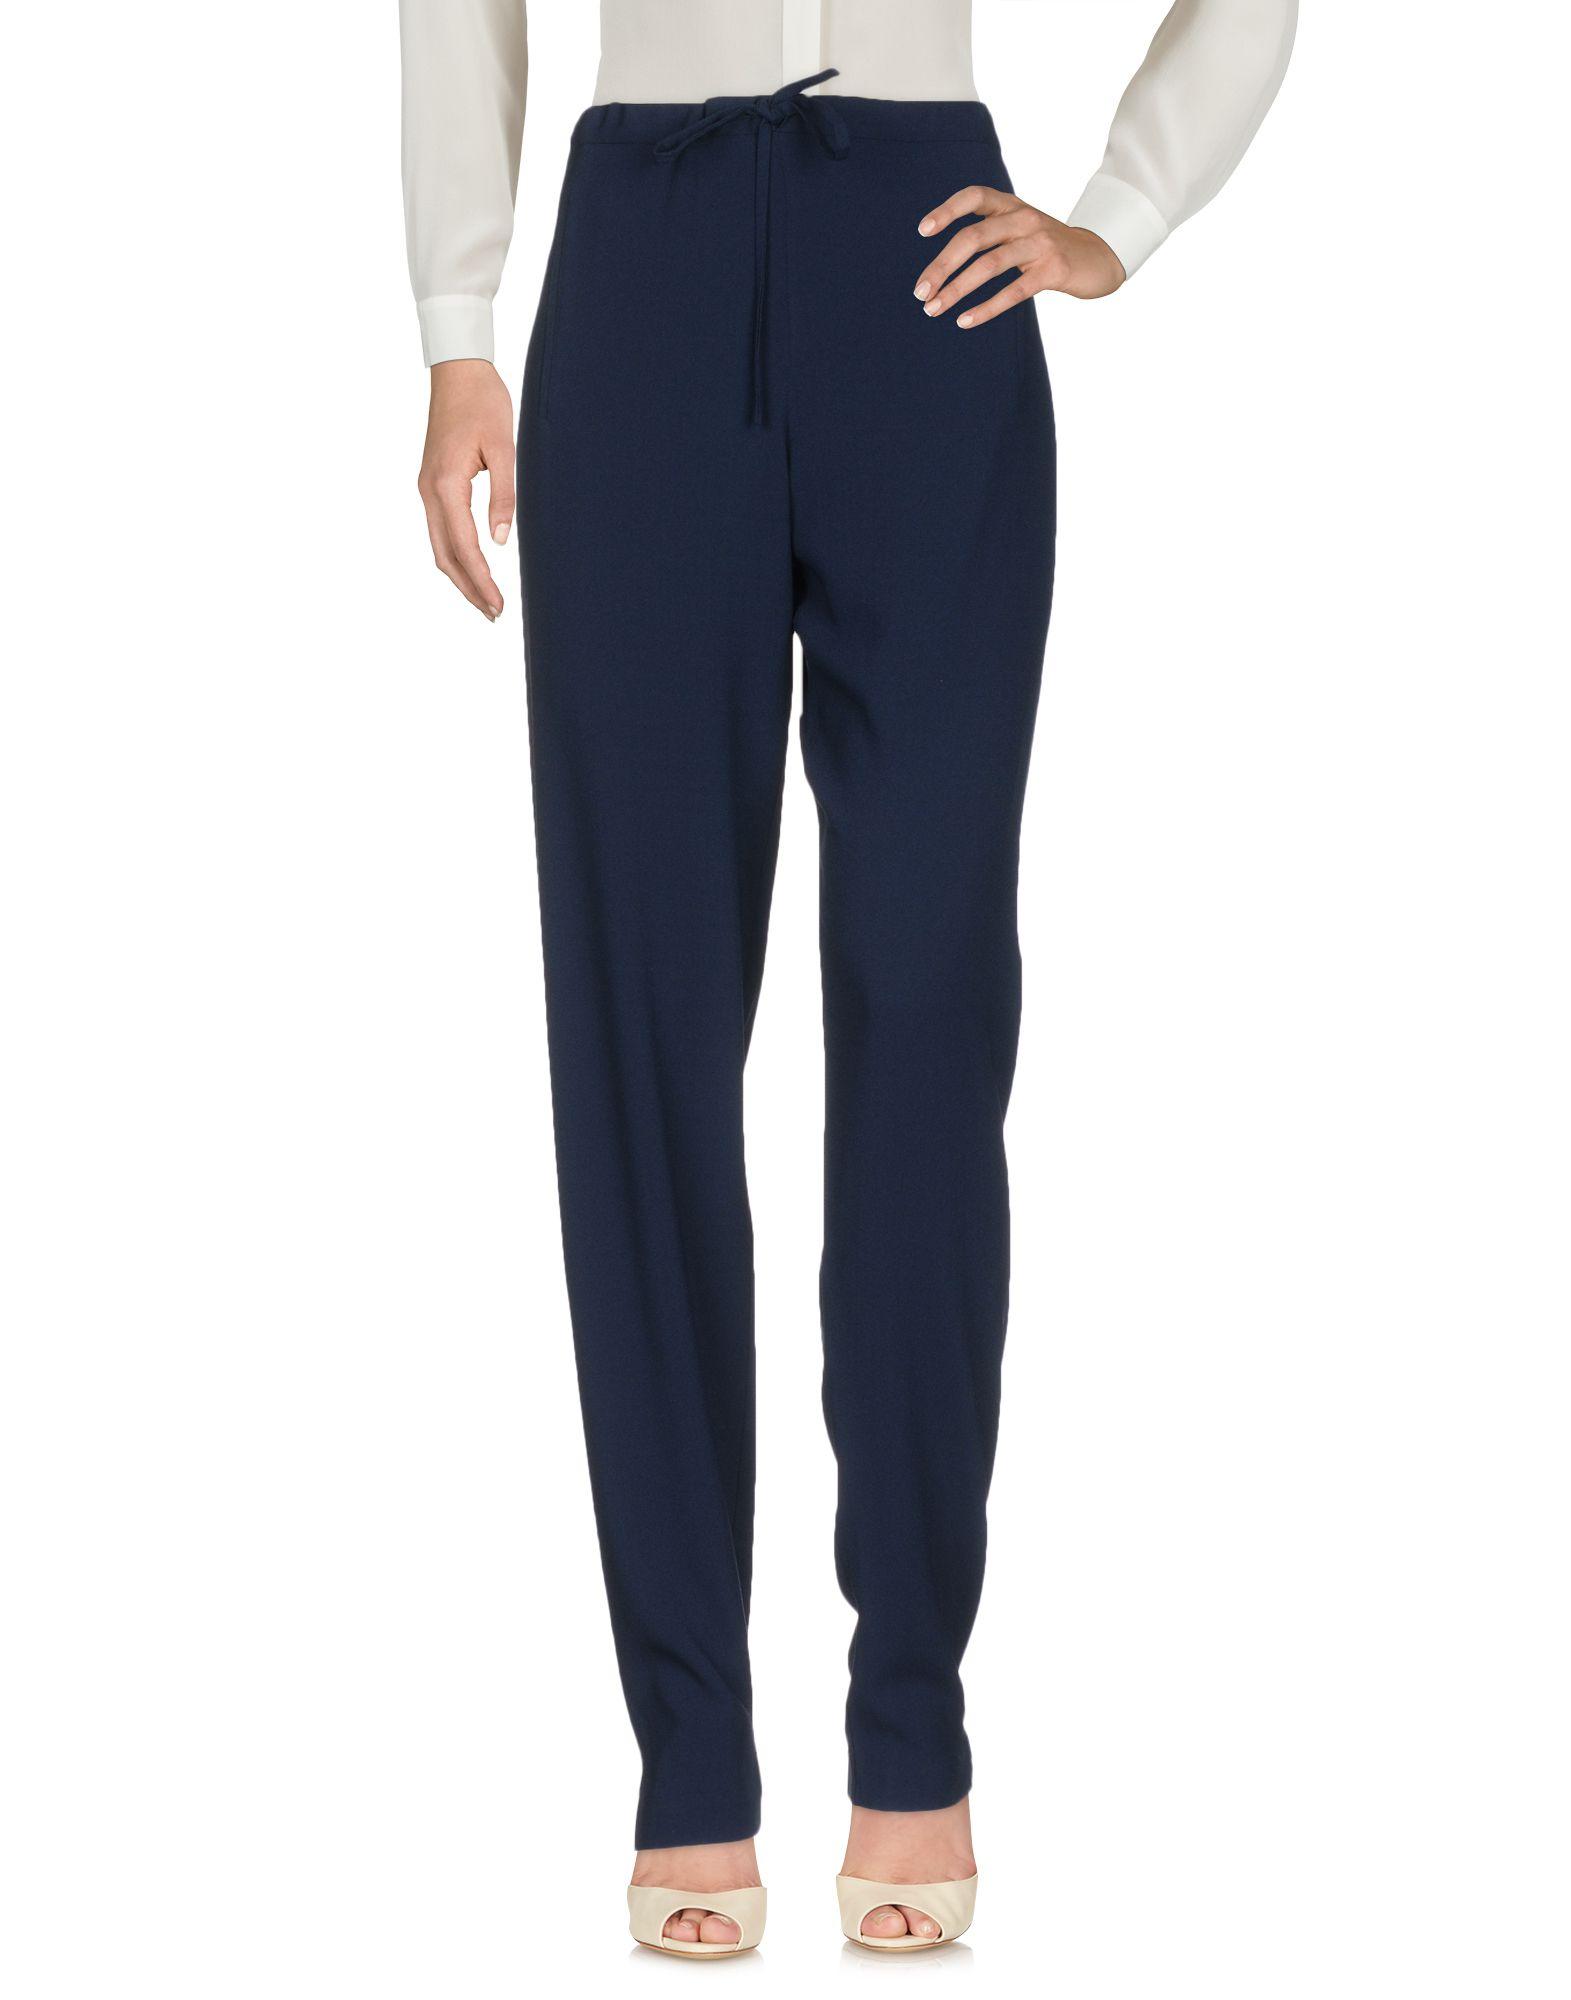 MARIA GRACHVOGEL Casual Pants in Dark Blue